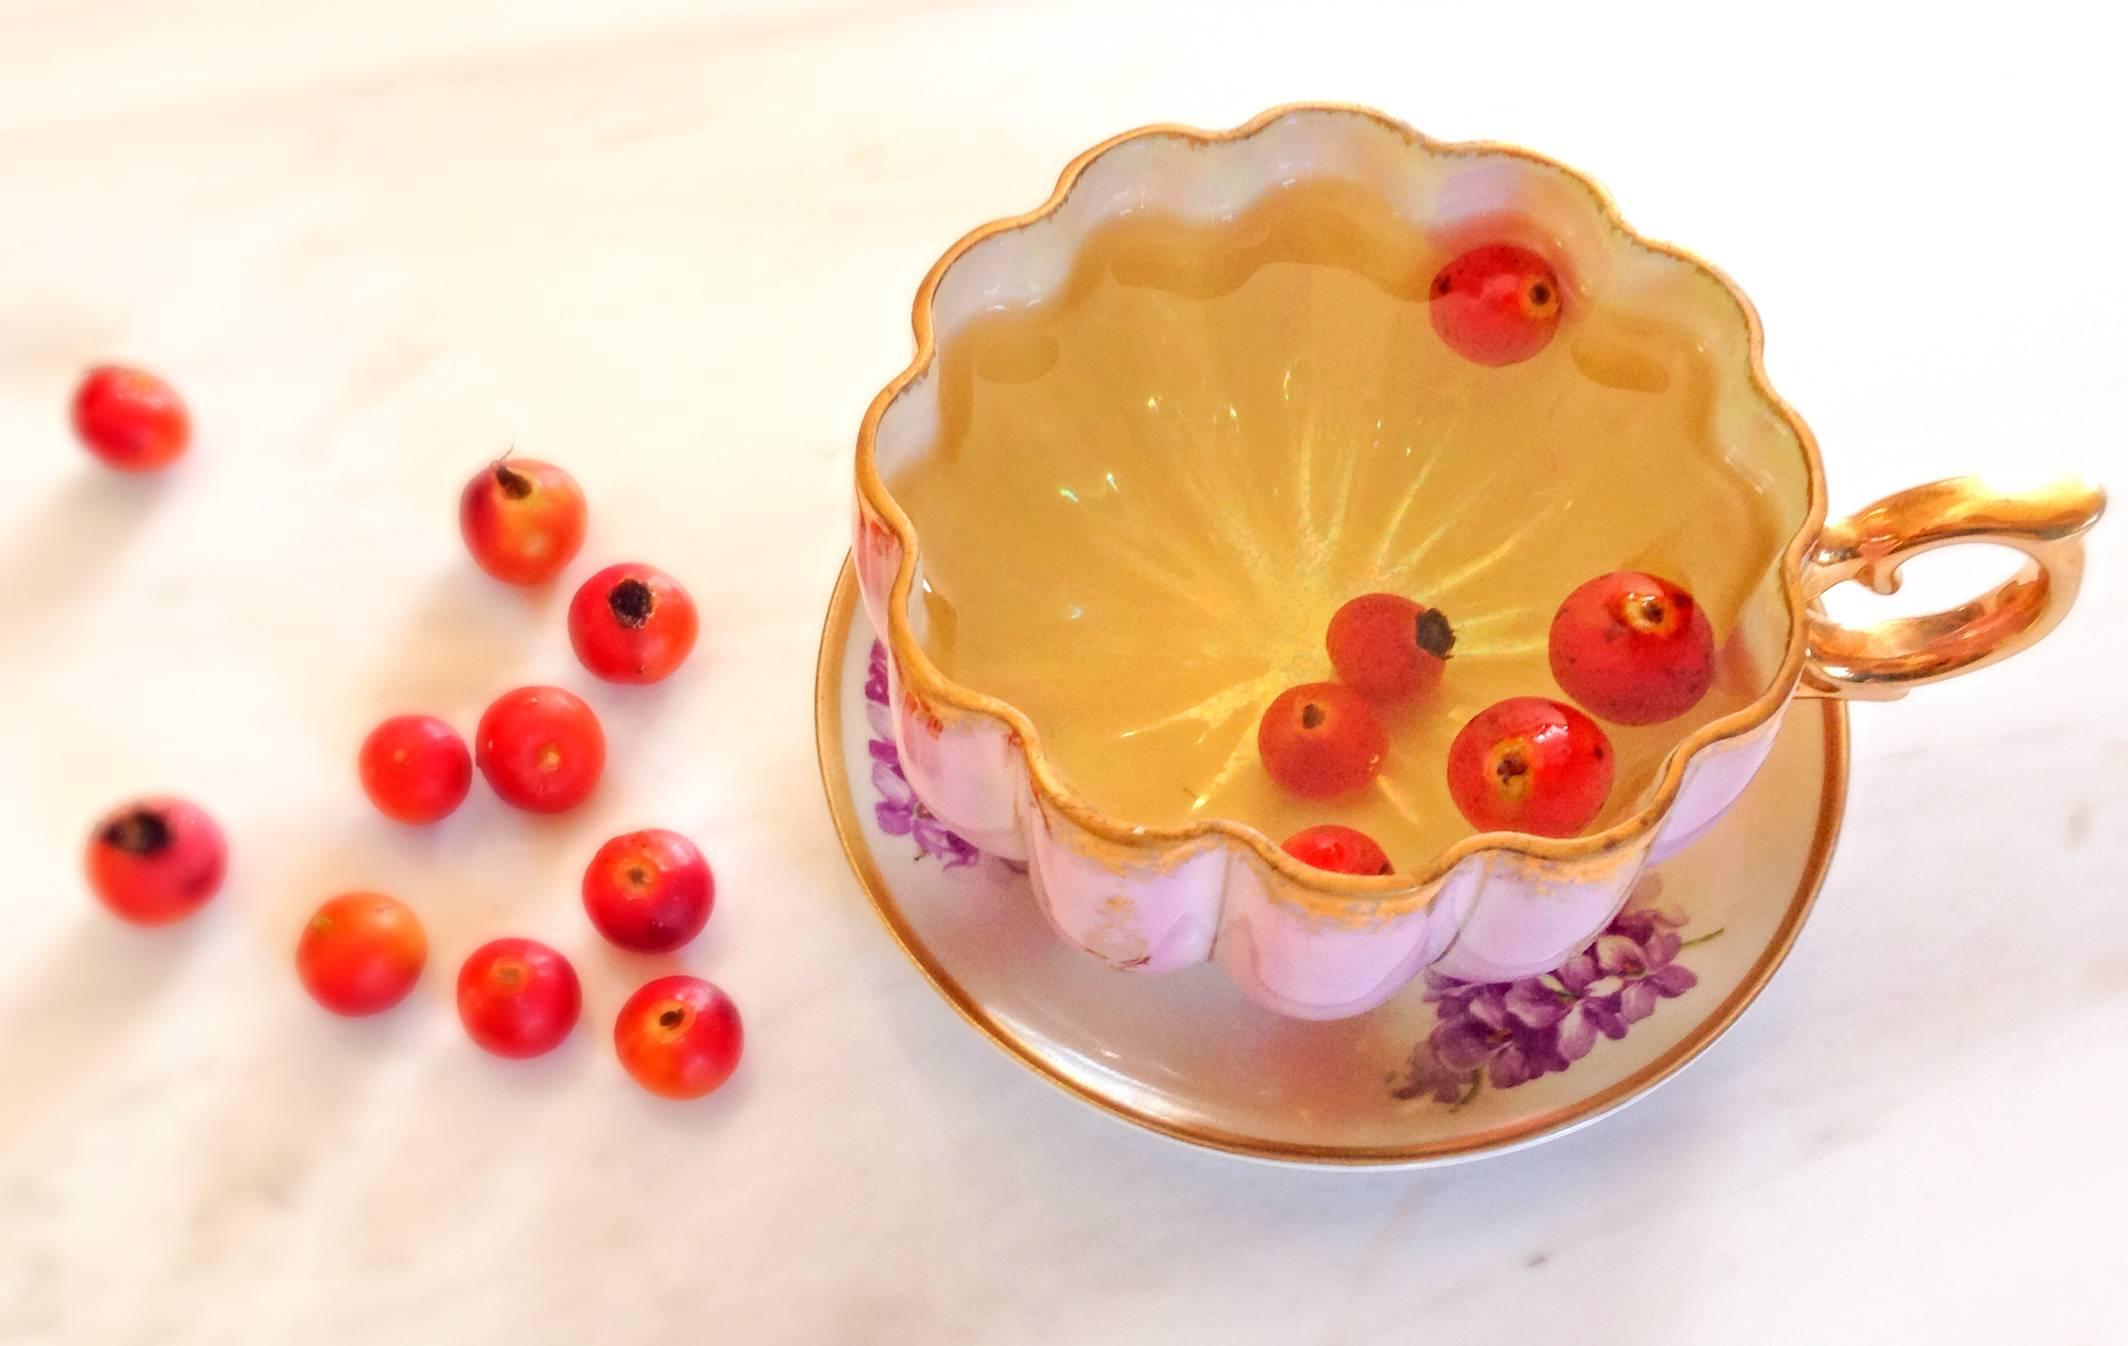 Чай из плодов, цветов шиповника: польза и вред, рецепт, как правильно заваривать